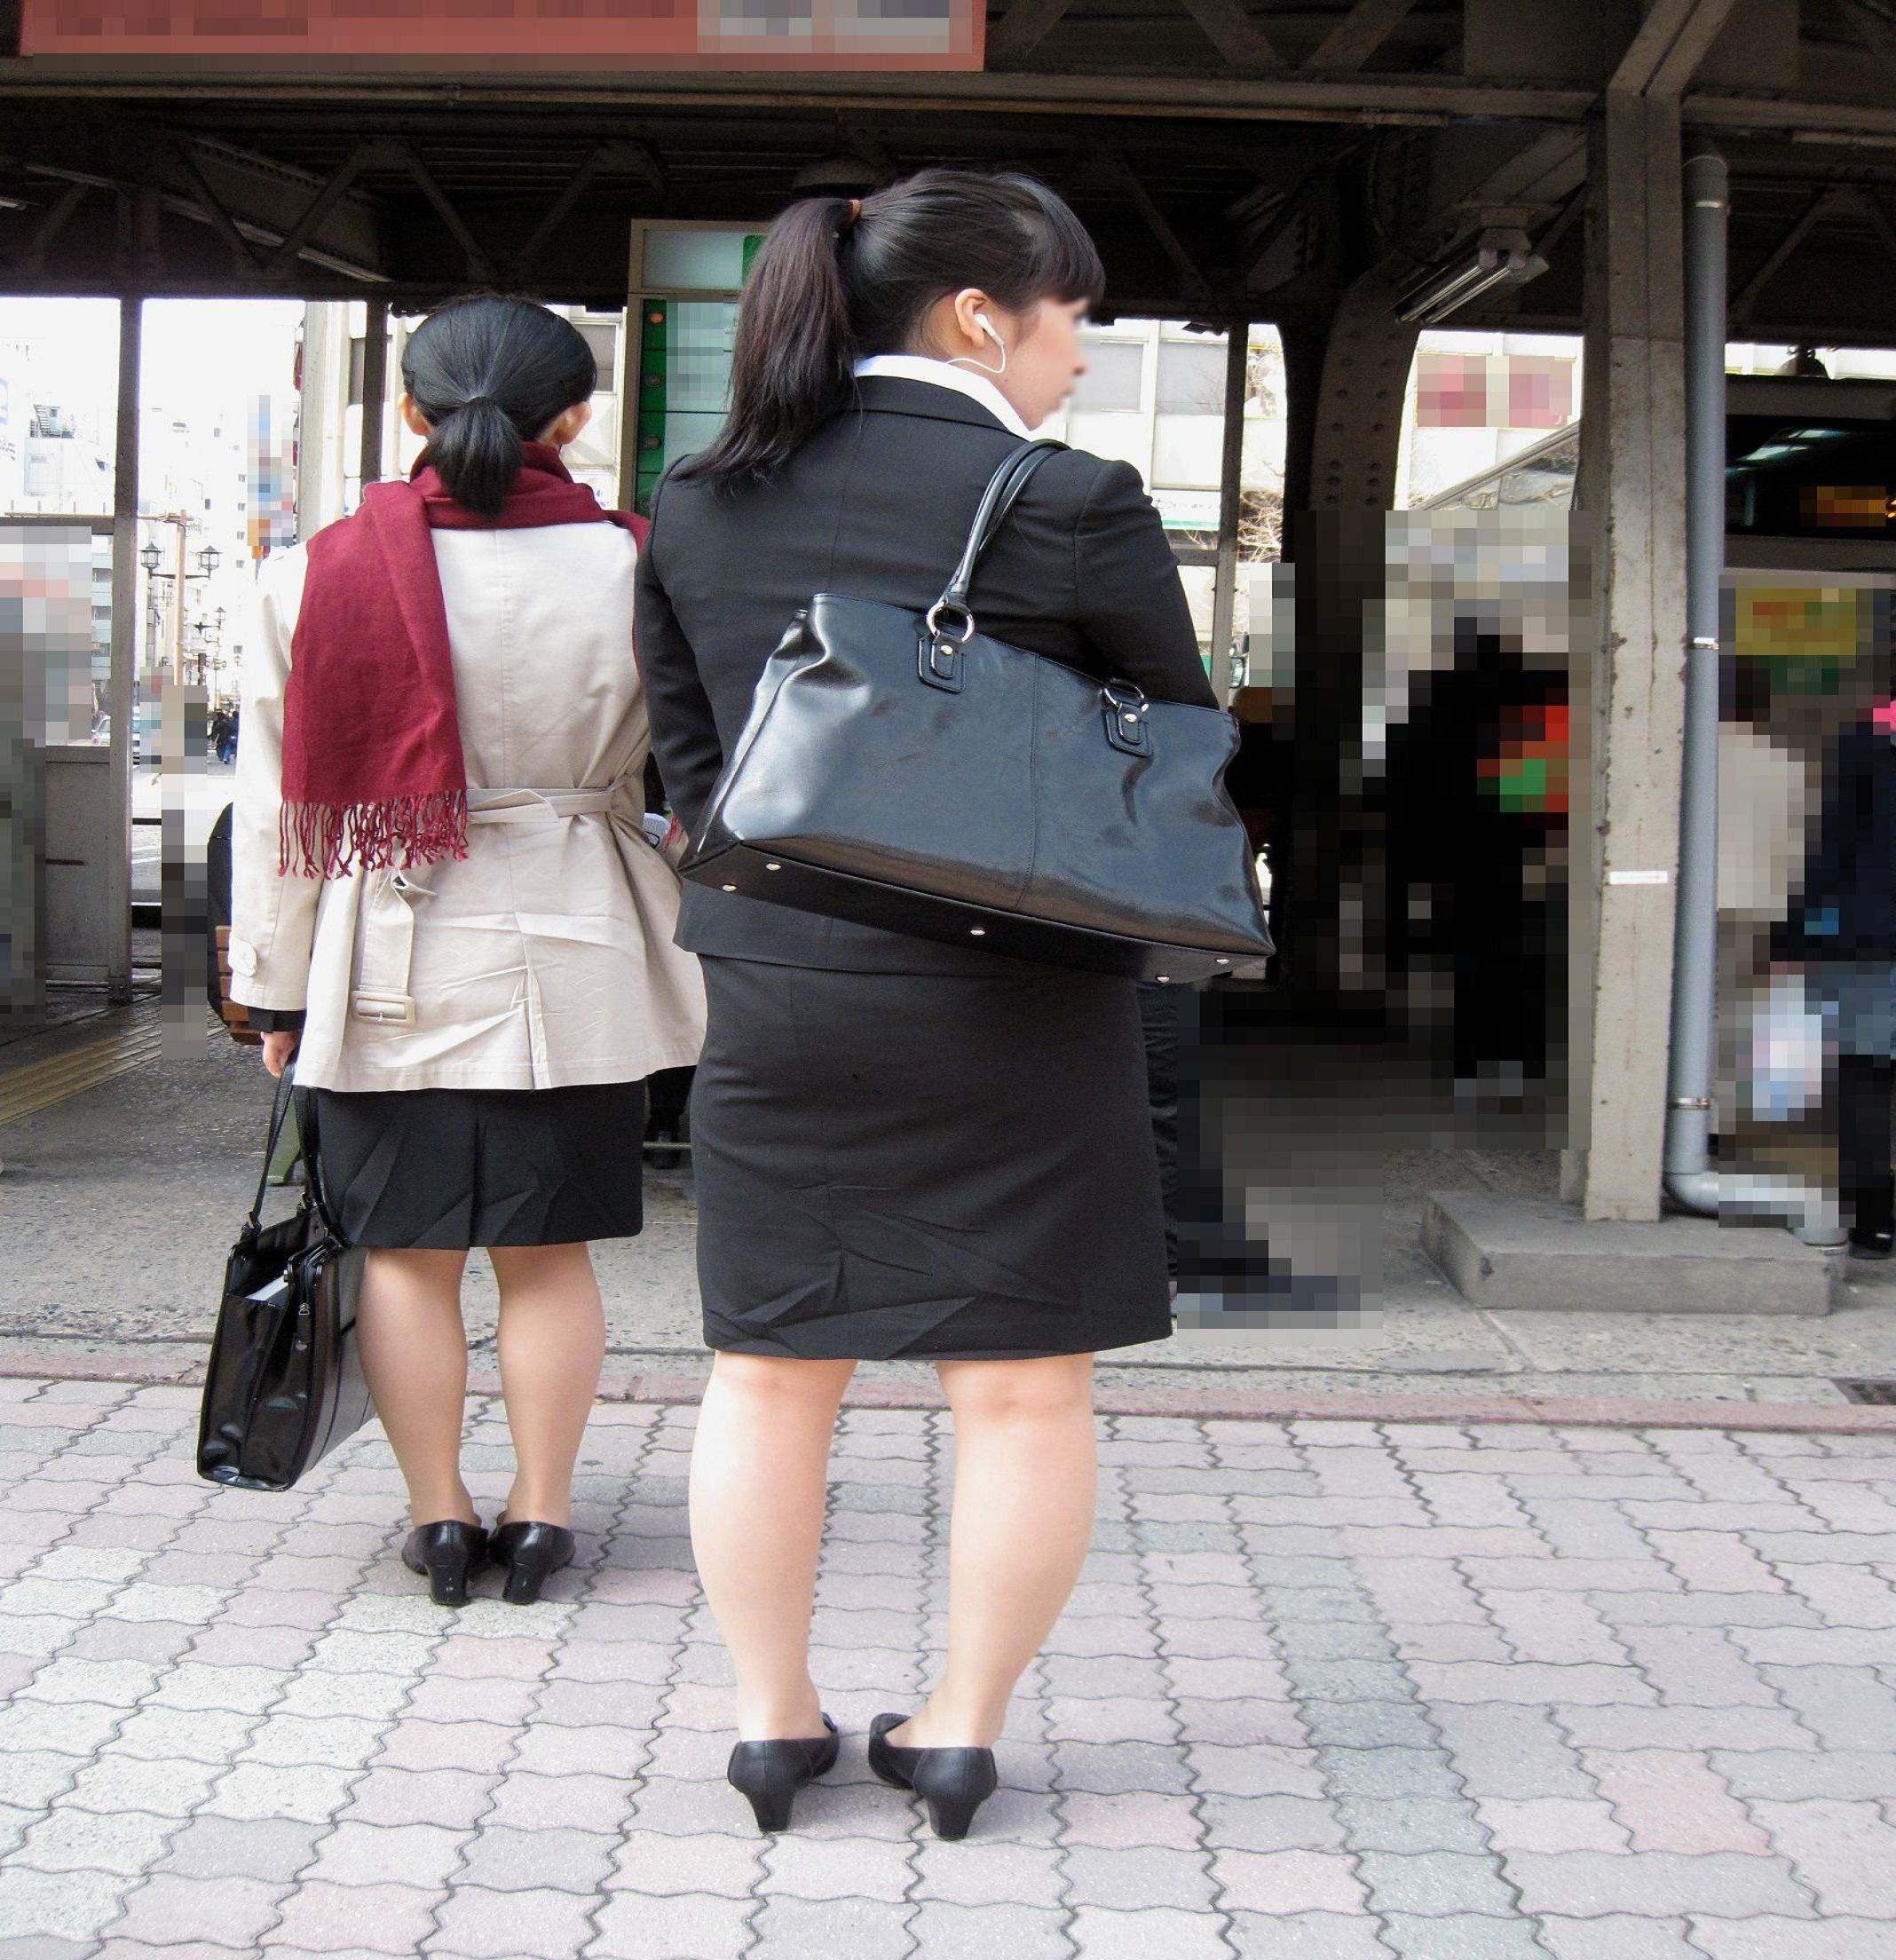 【街撮りスーツ画像】外回り女子のタイトに包まれたムッチリエロ尻追いかけてwww 15